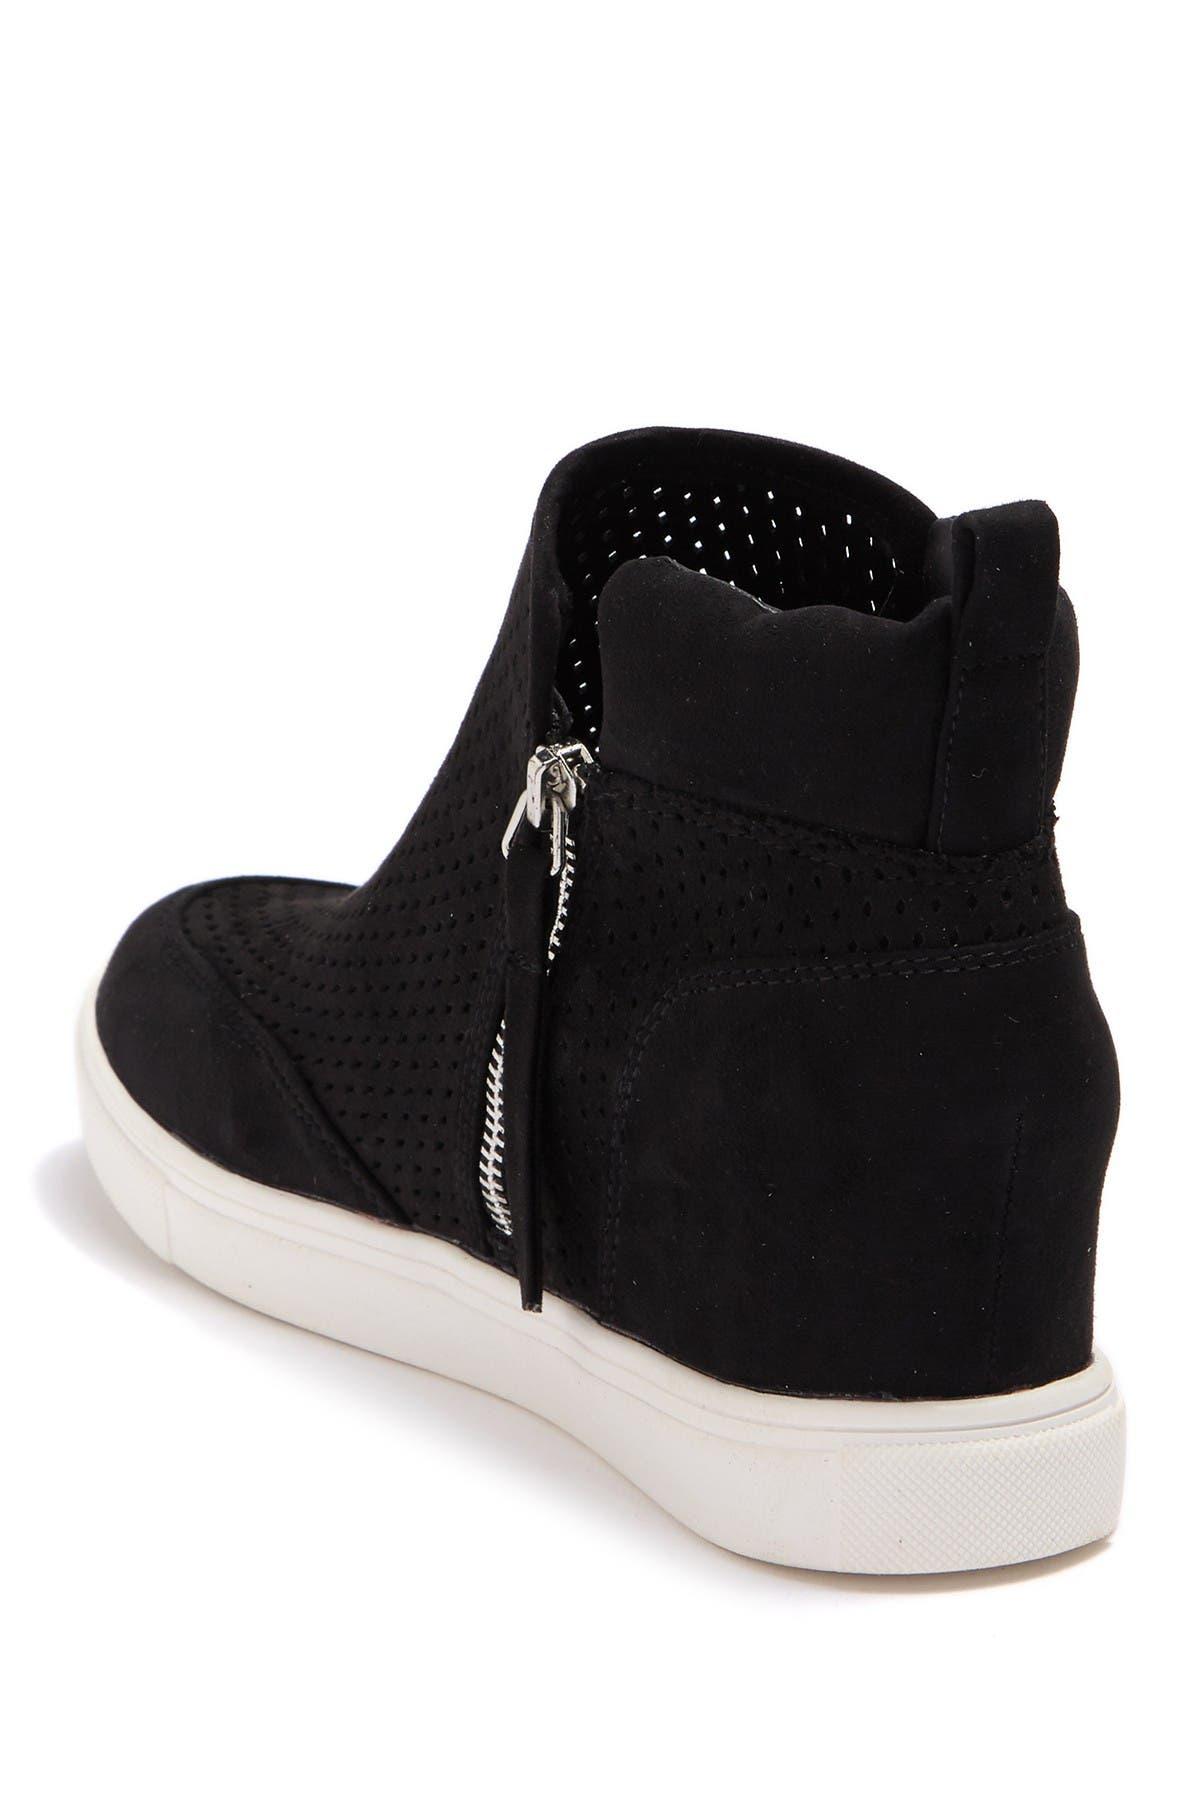 Madden Girl | Perfekt Wedge Sneaker